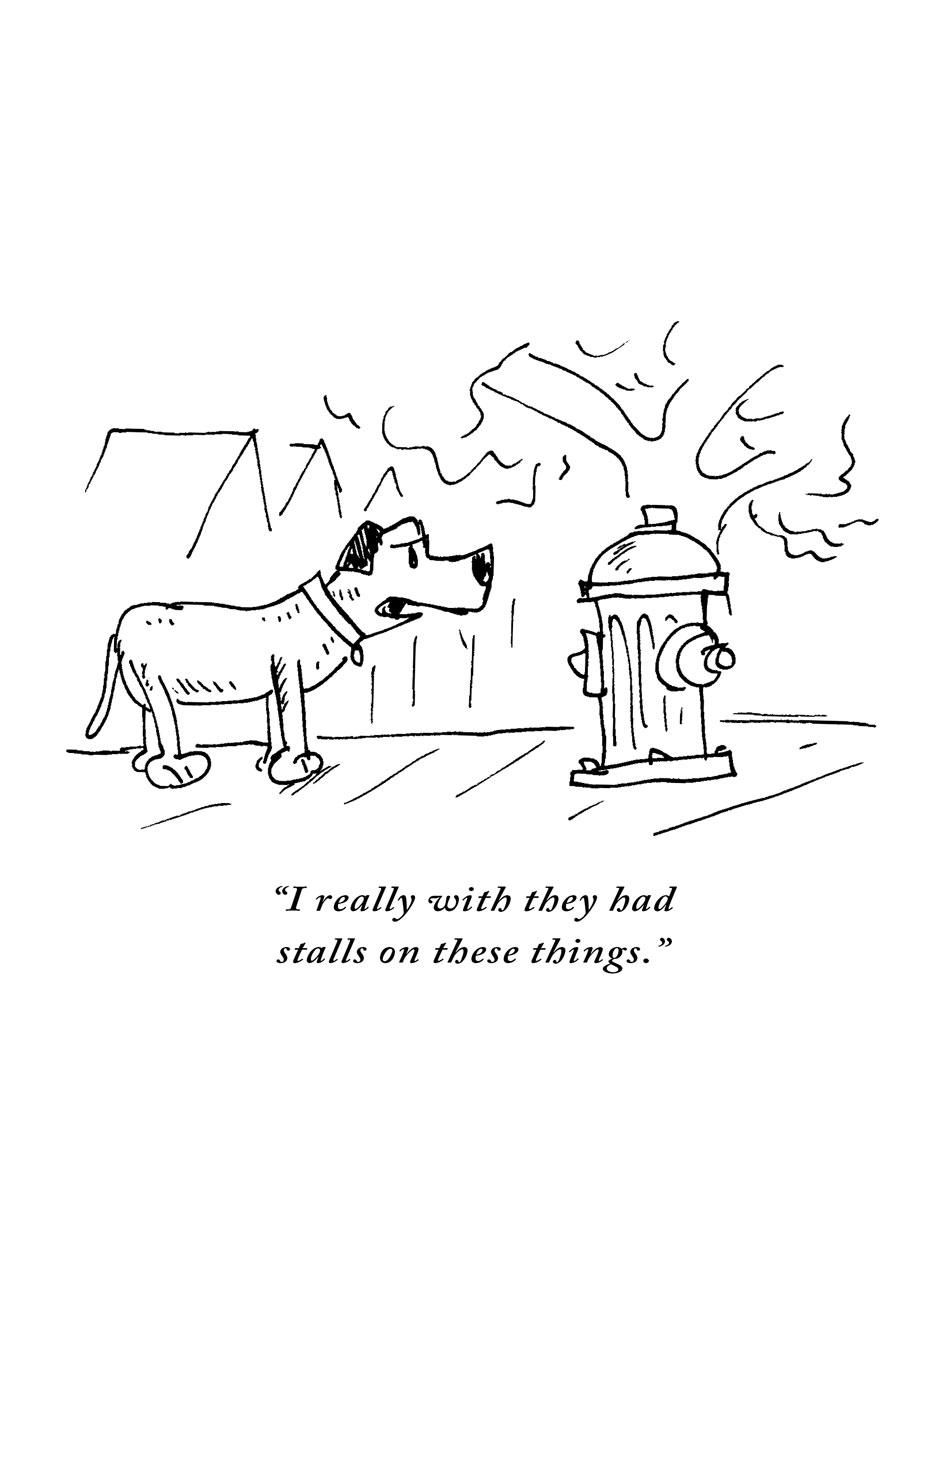 Stupendo-Dog!: Shy bladder